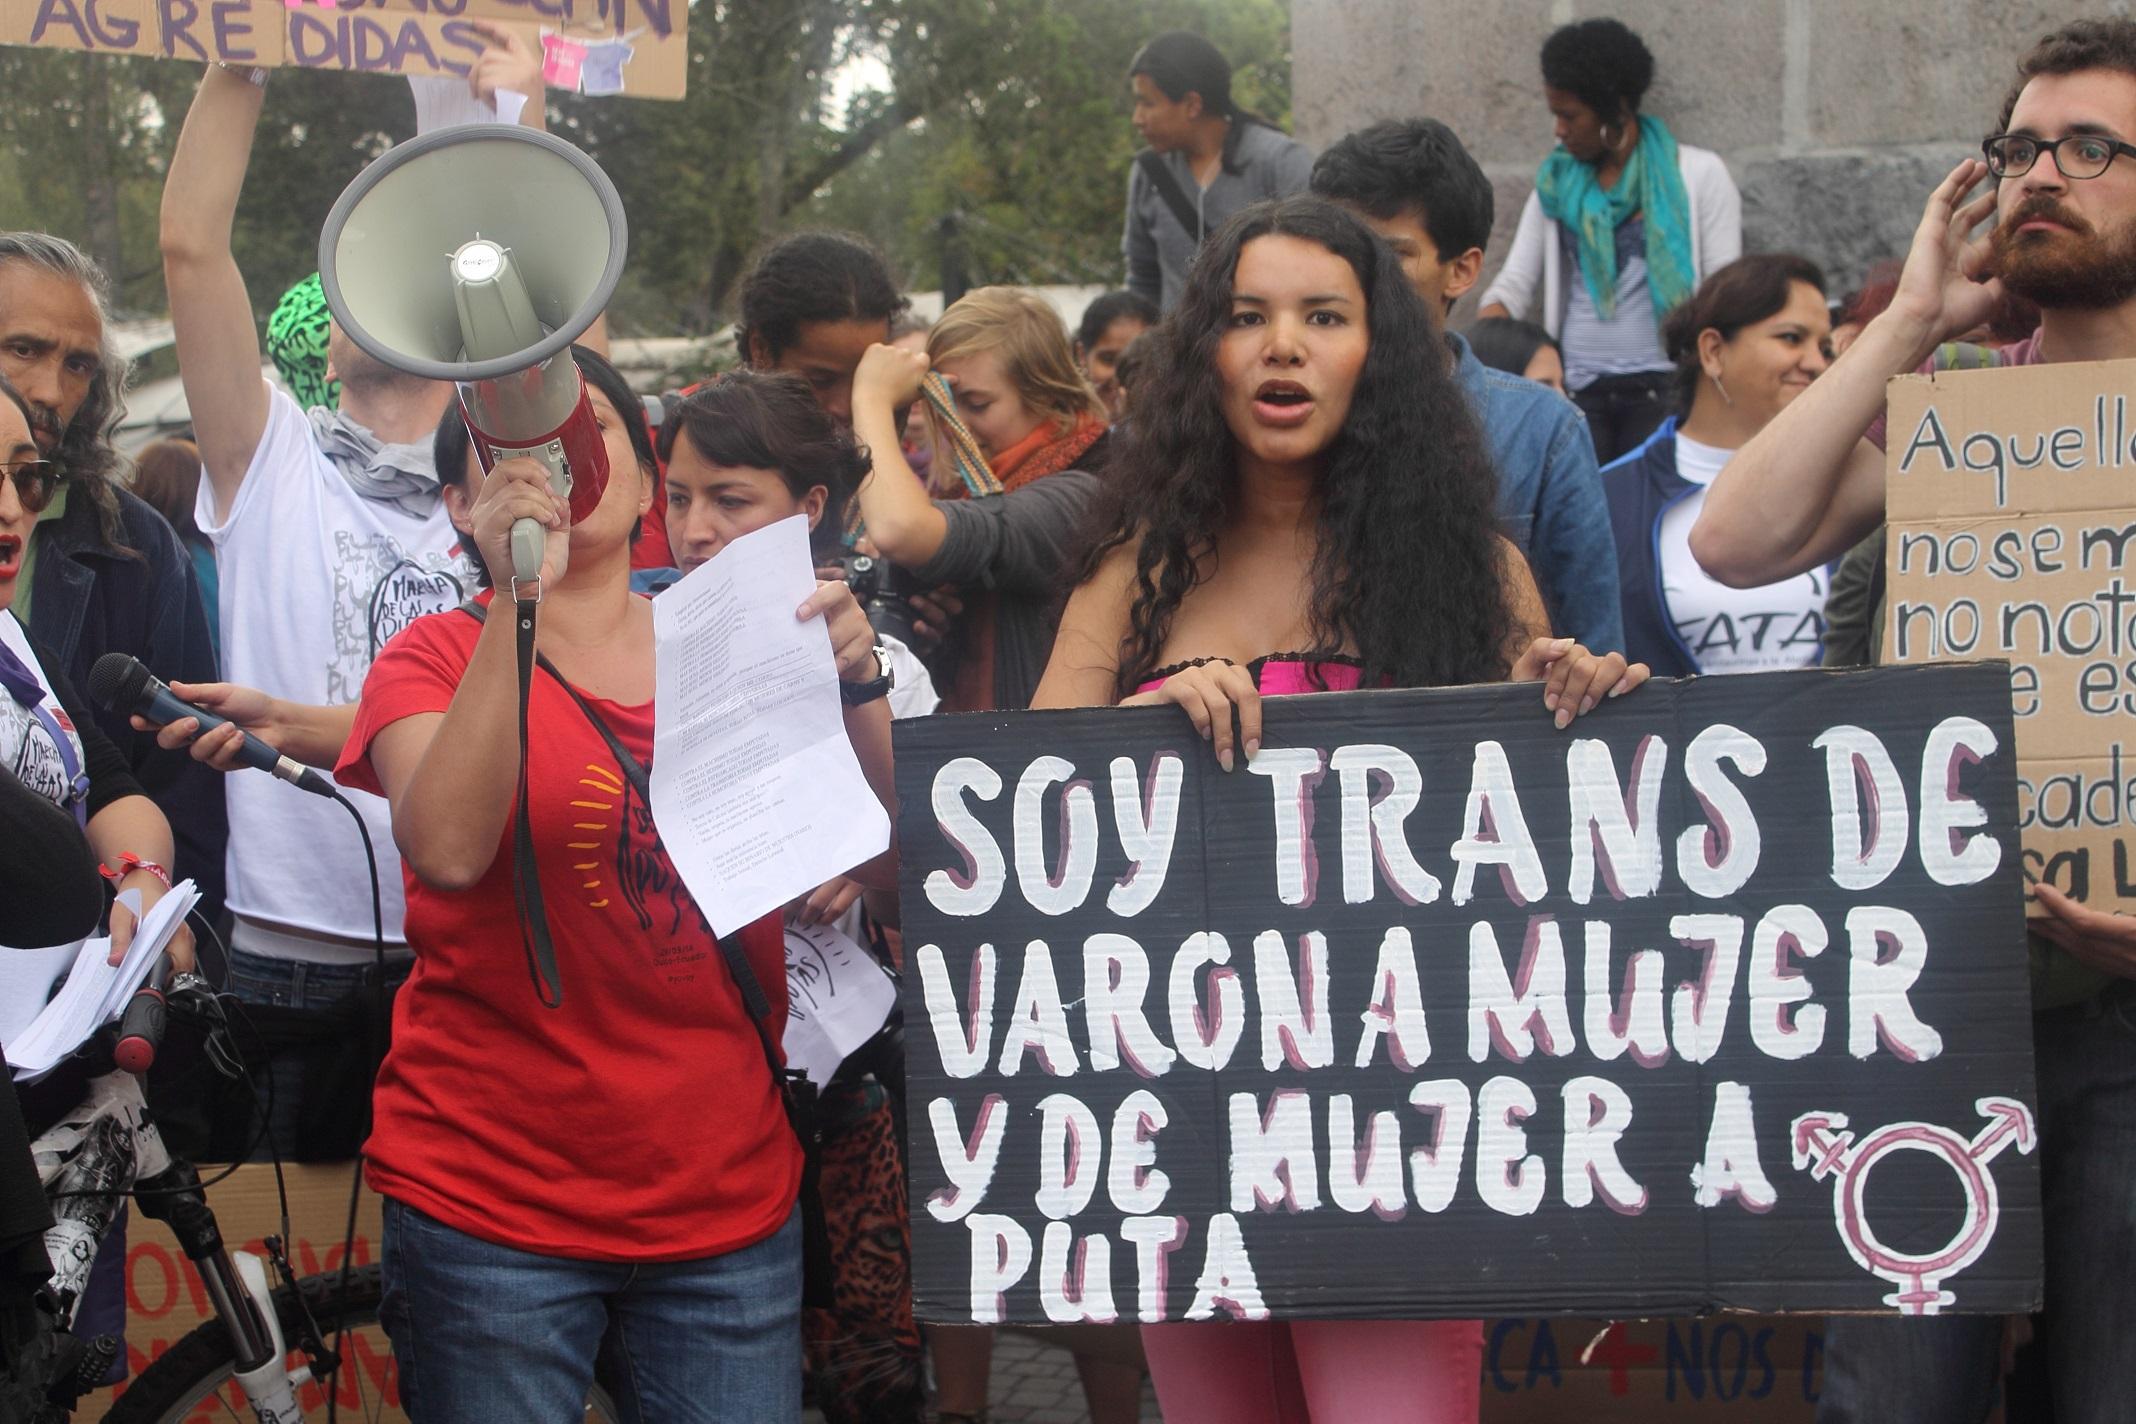 prostitutas ecuatorianas prostitutas el tubo zaragoza